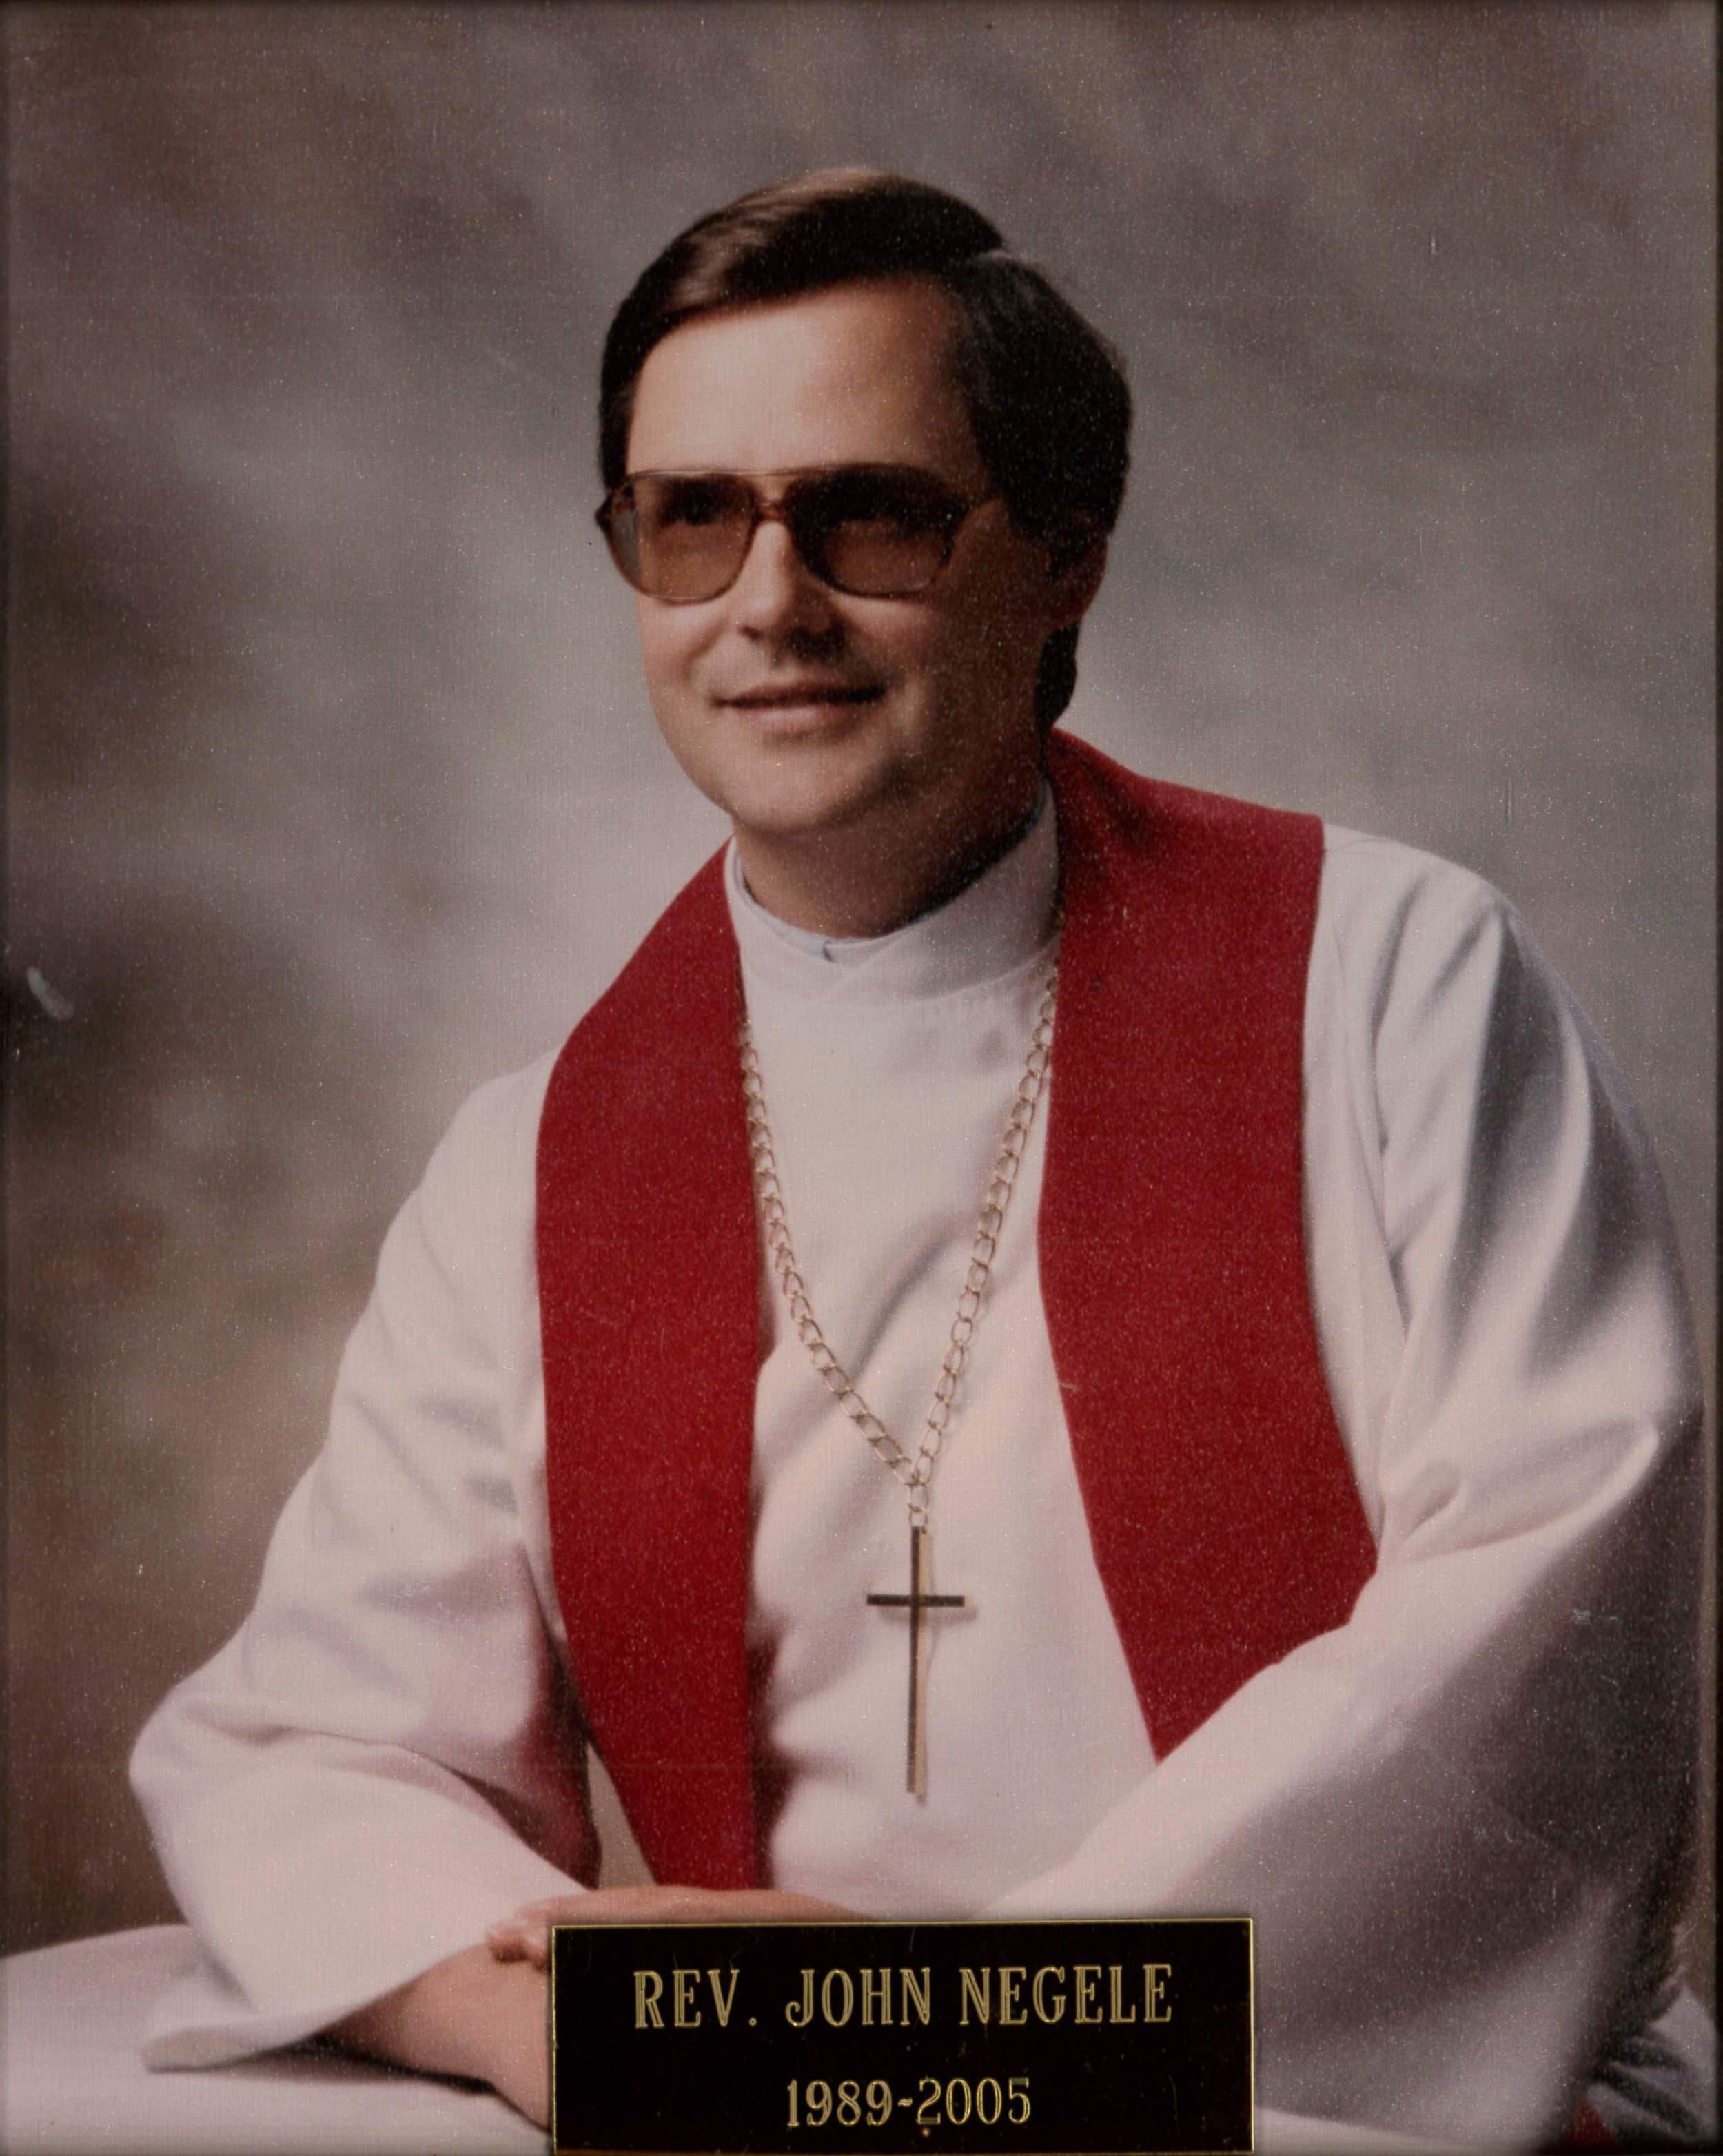 Rev. John Negele